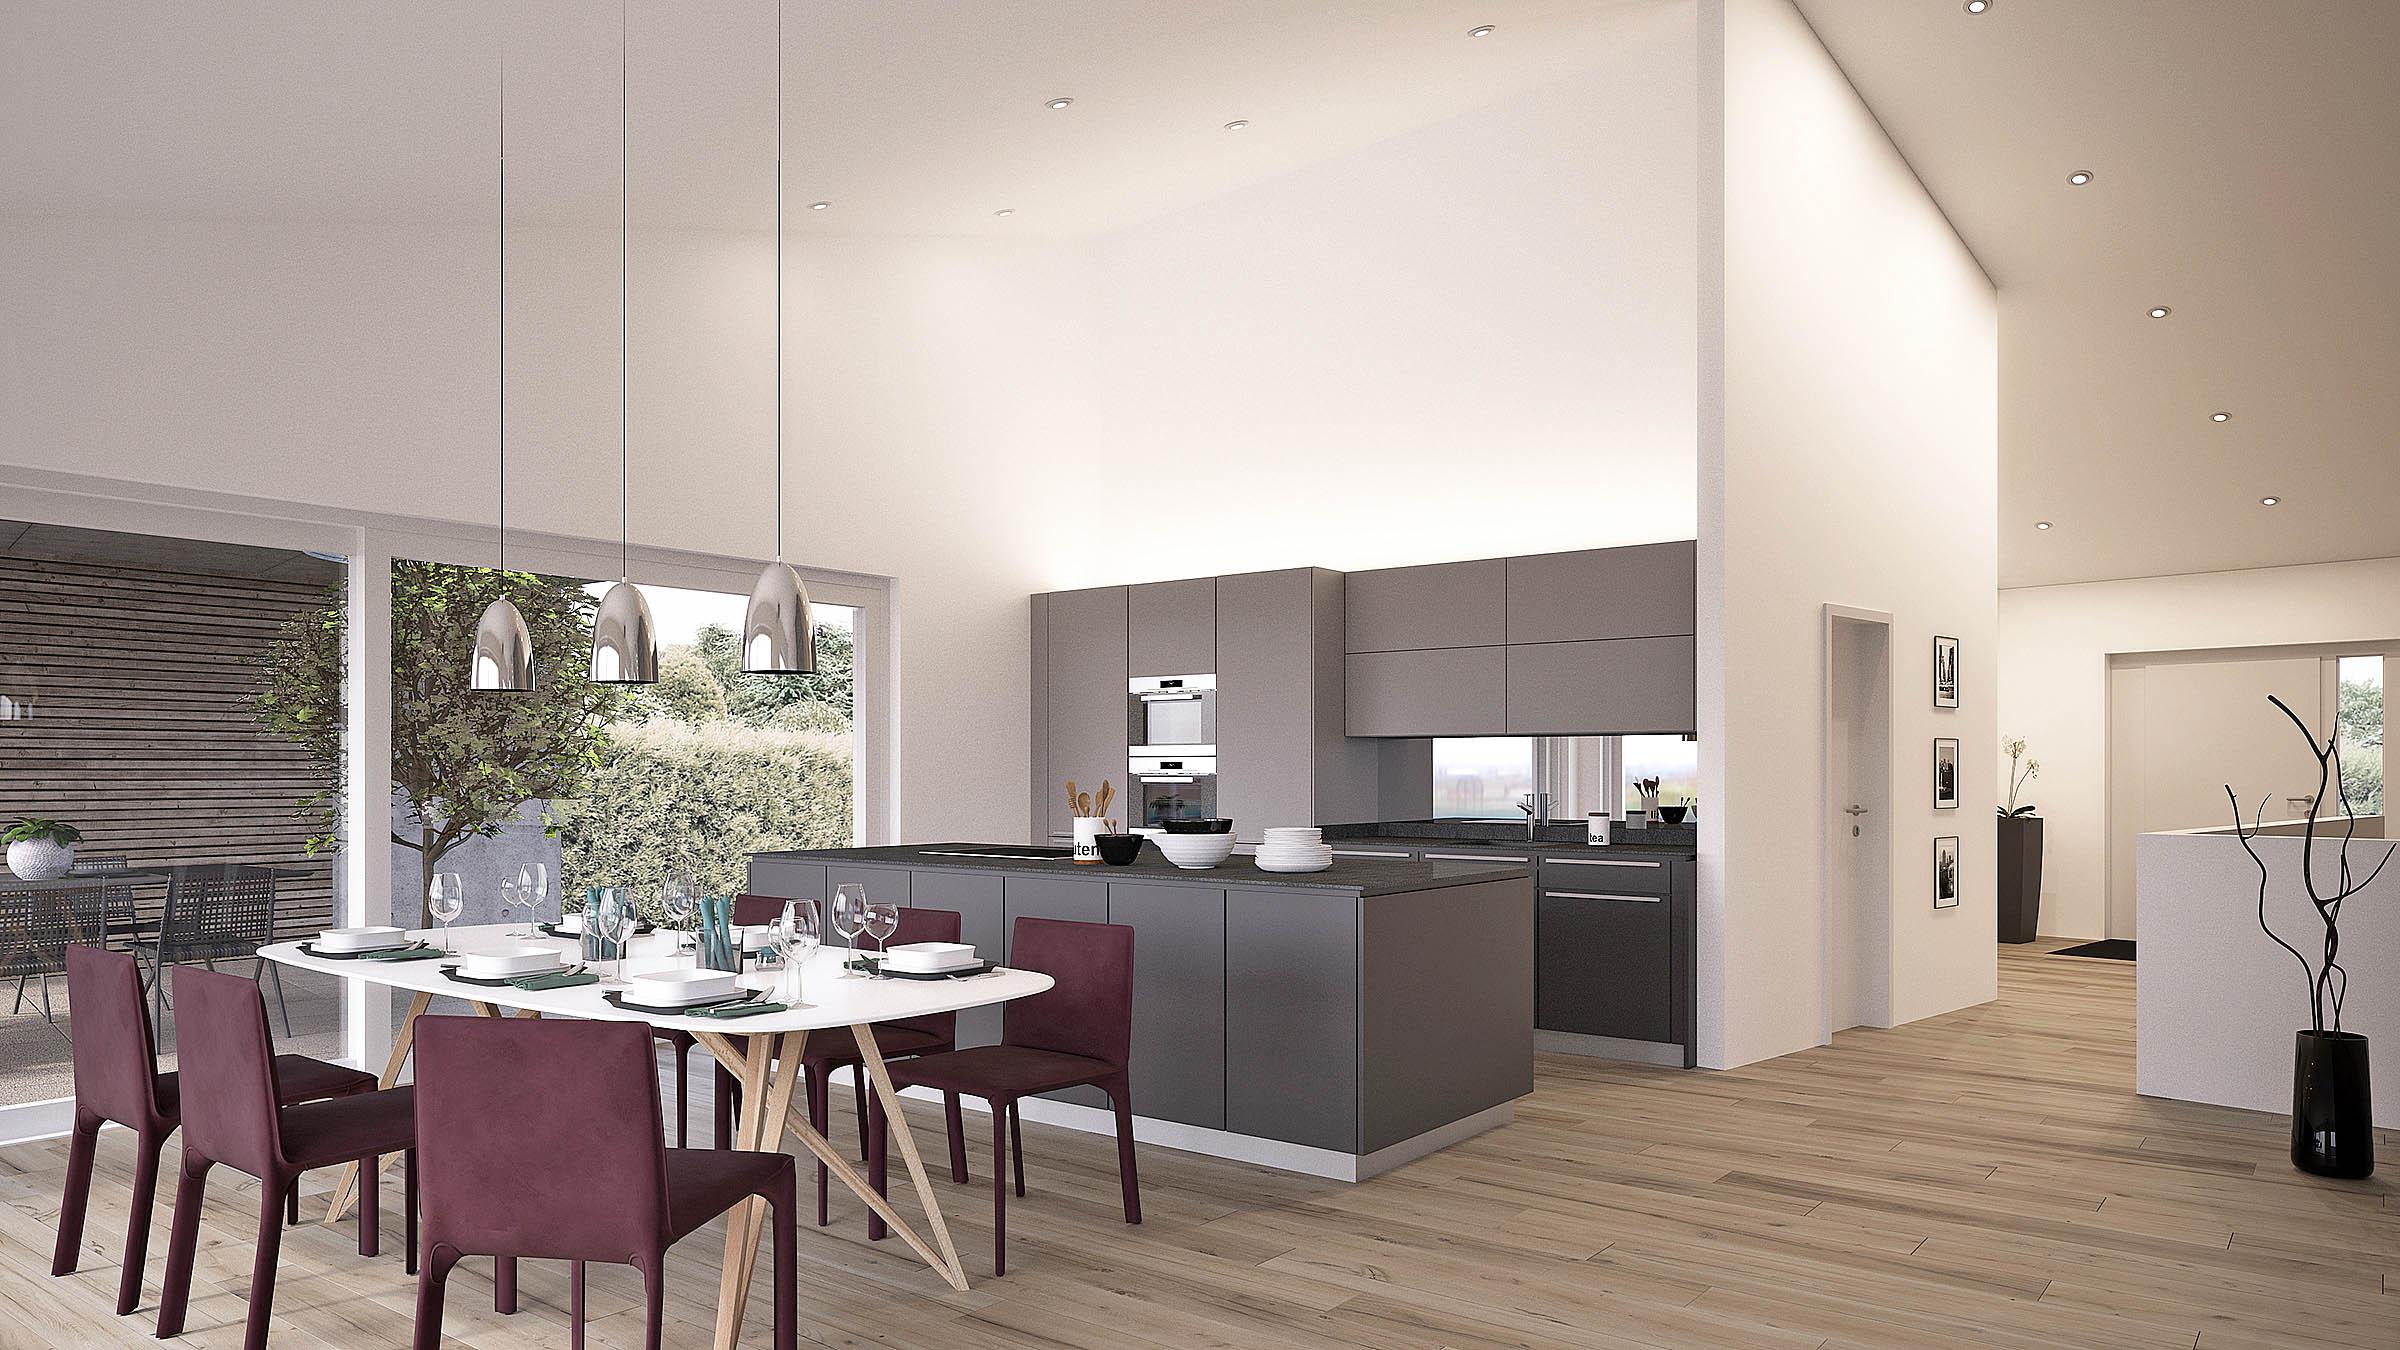 3d visualisierung amp architekturvisualisierung raumdimension. Black Bedroom Furniture Sets. Home Design Ideas